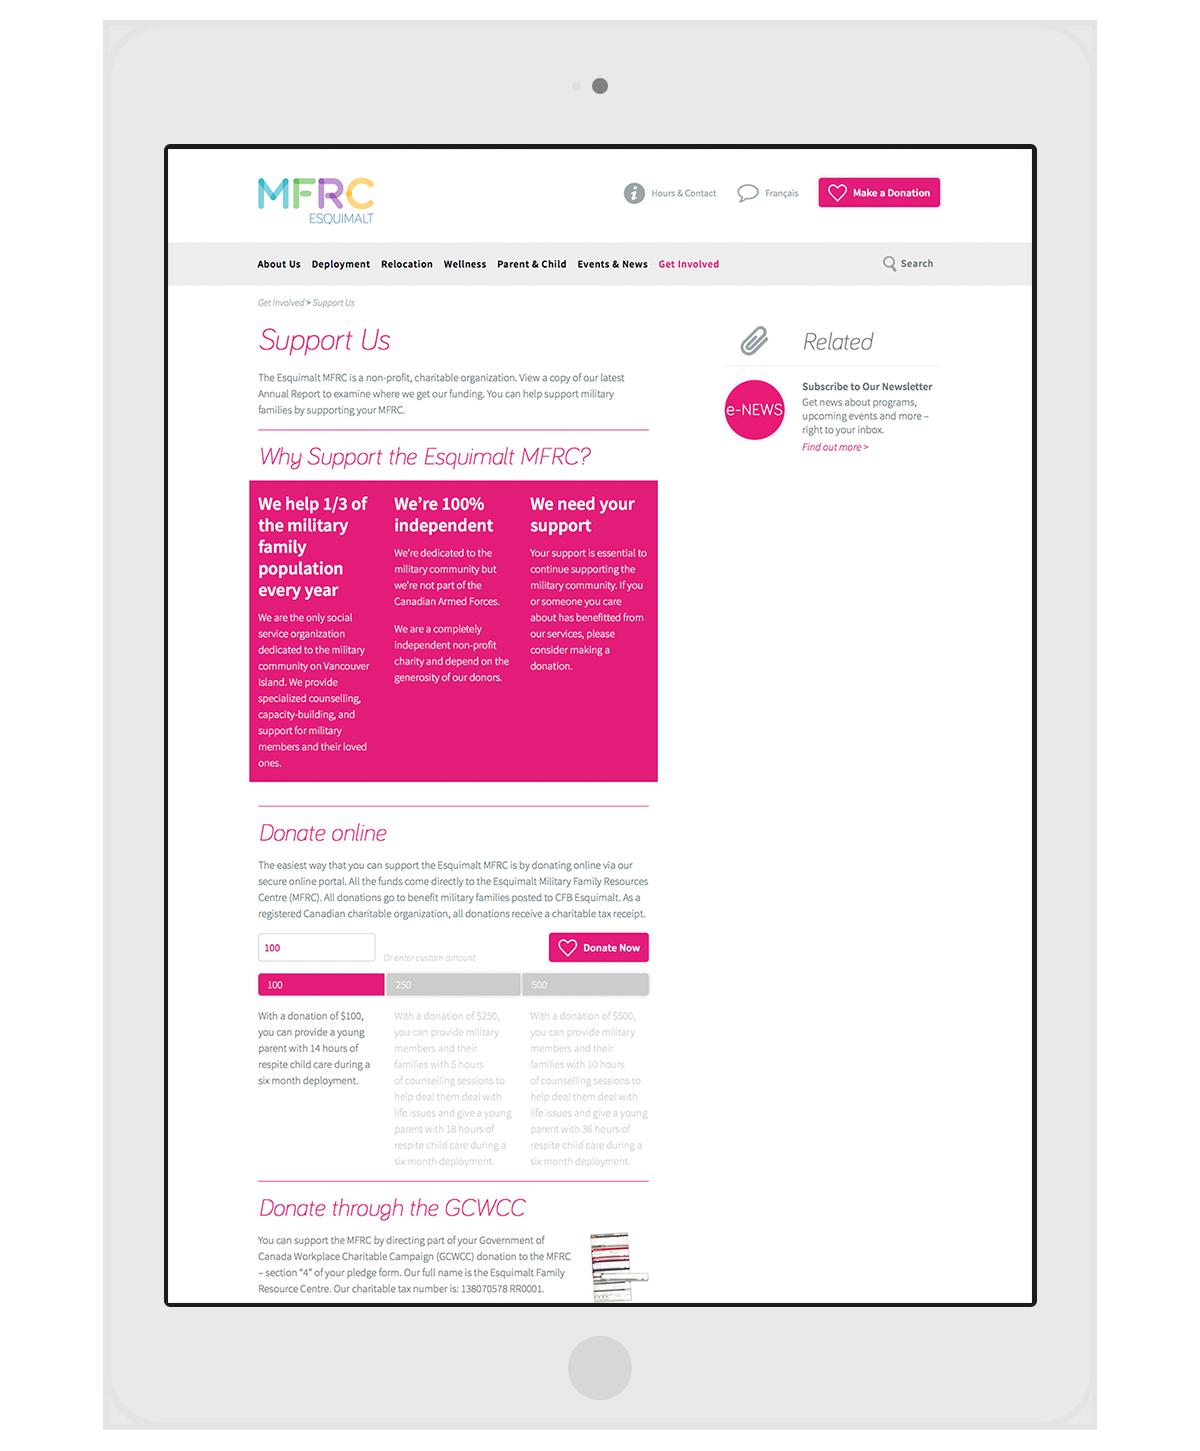 MFRC-iPad